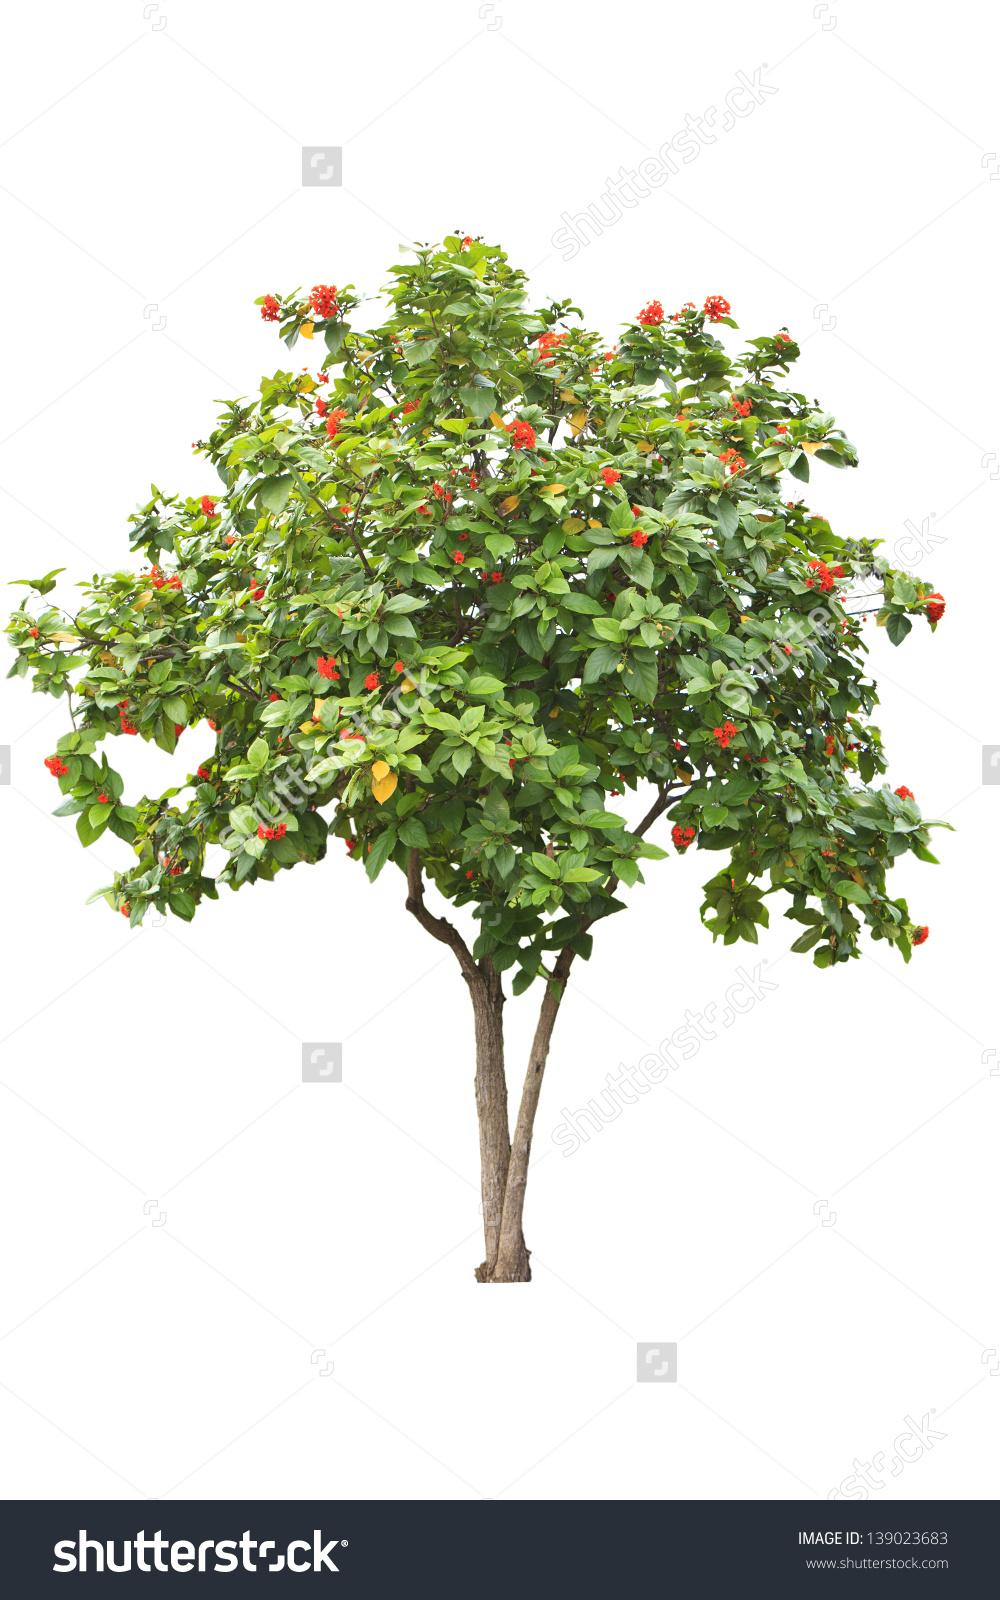 African Tulip Tree Spathodea Campanulata On Stock Photo 139023683.